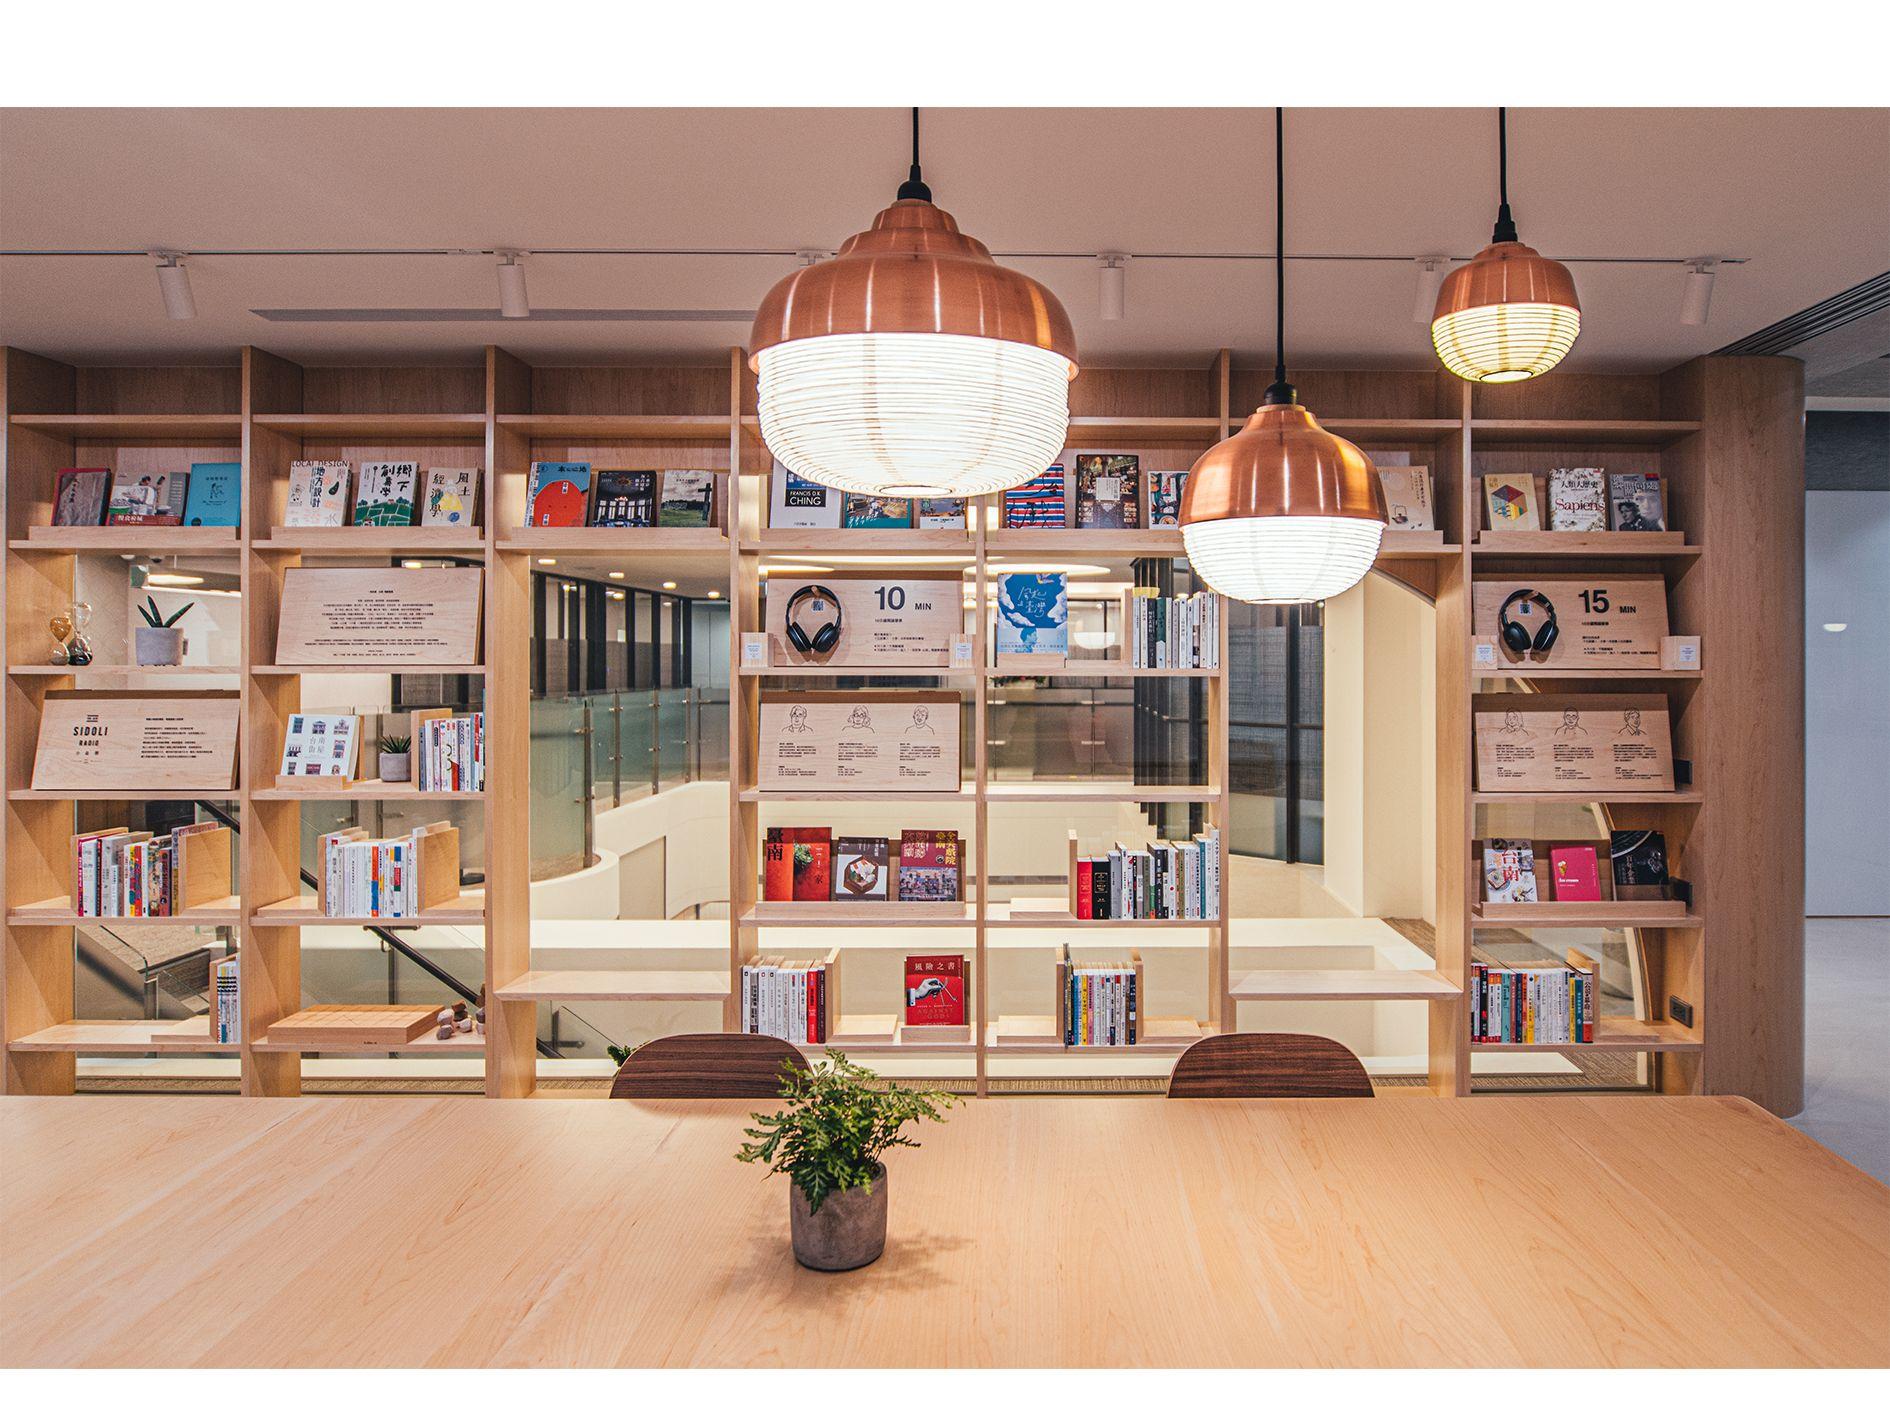 永續理念的 Plan b 將台南的富邦銀行變得好文青?用「20% 空間改造學」銀⾏這樣設計超有感!